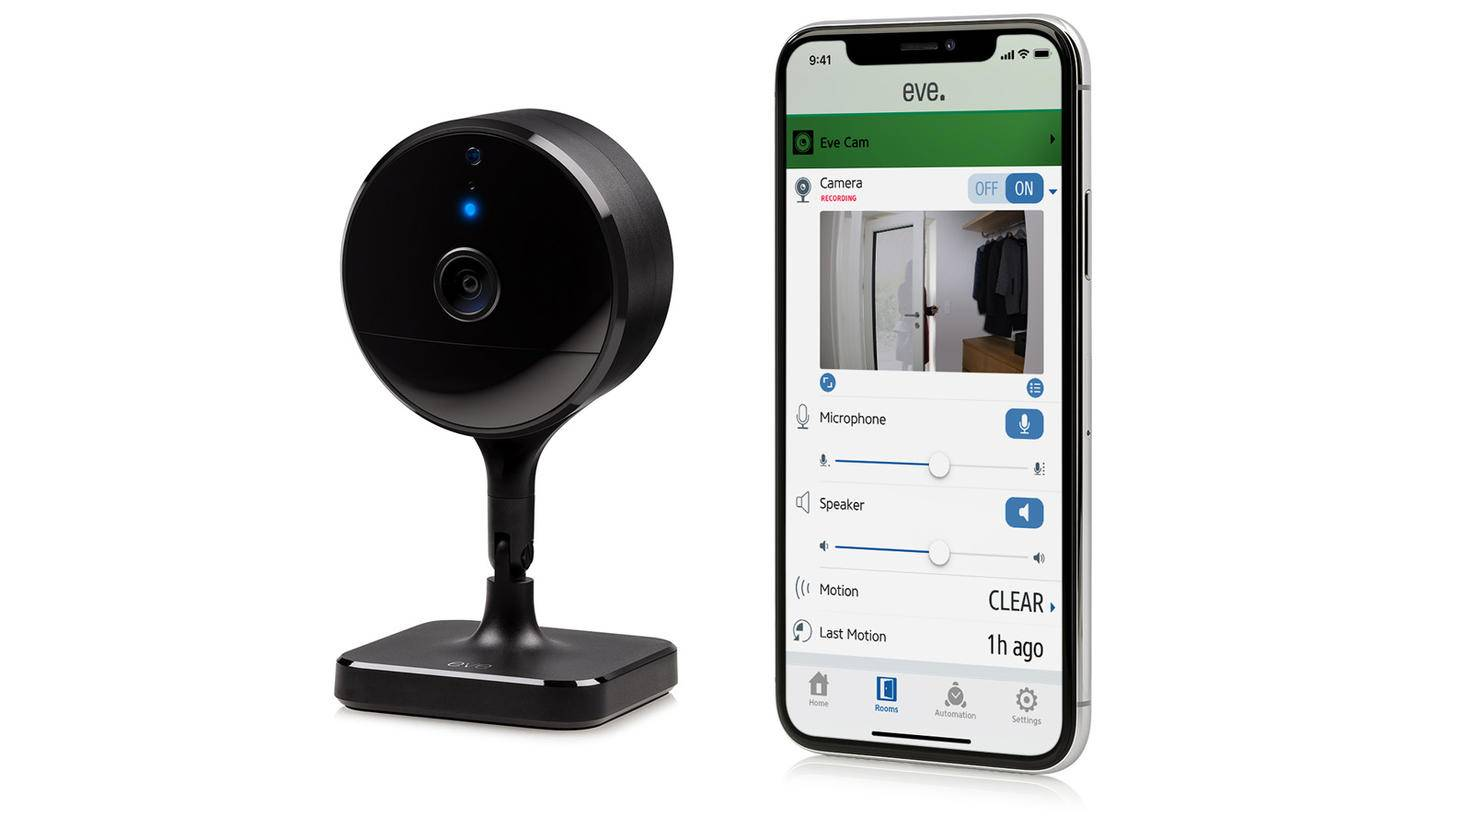 Eve Cam Ueberwachungskamera mit Smartphone App